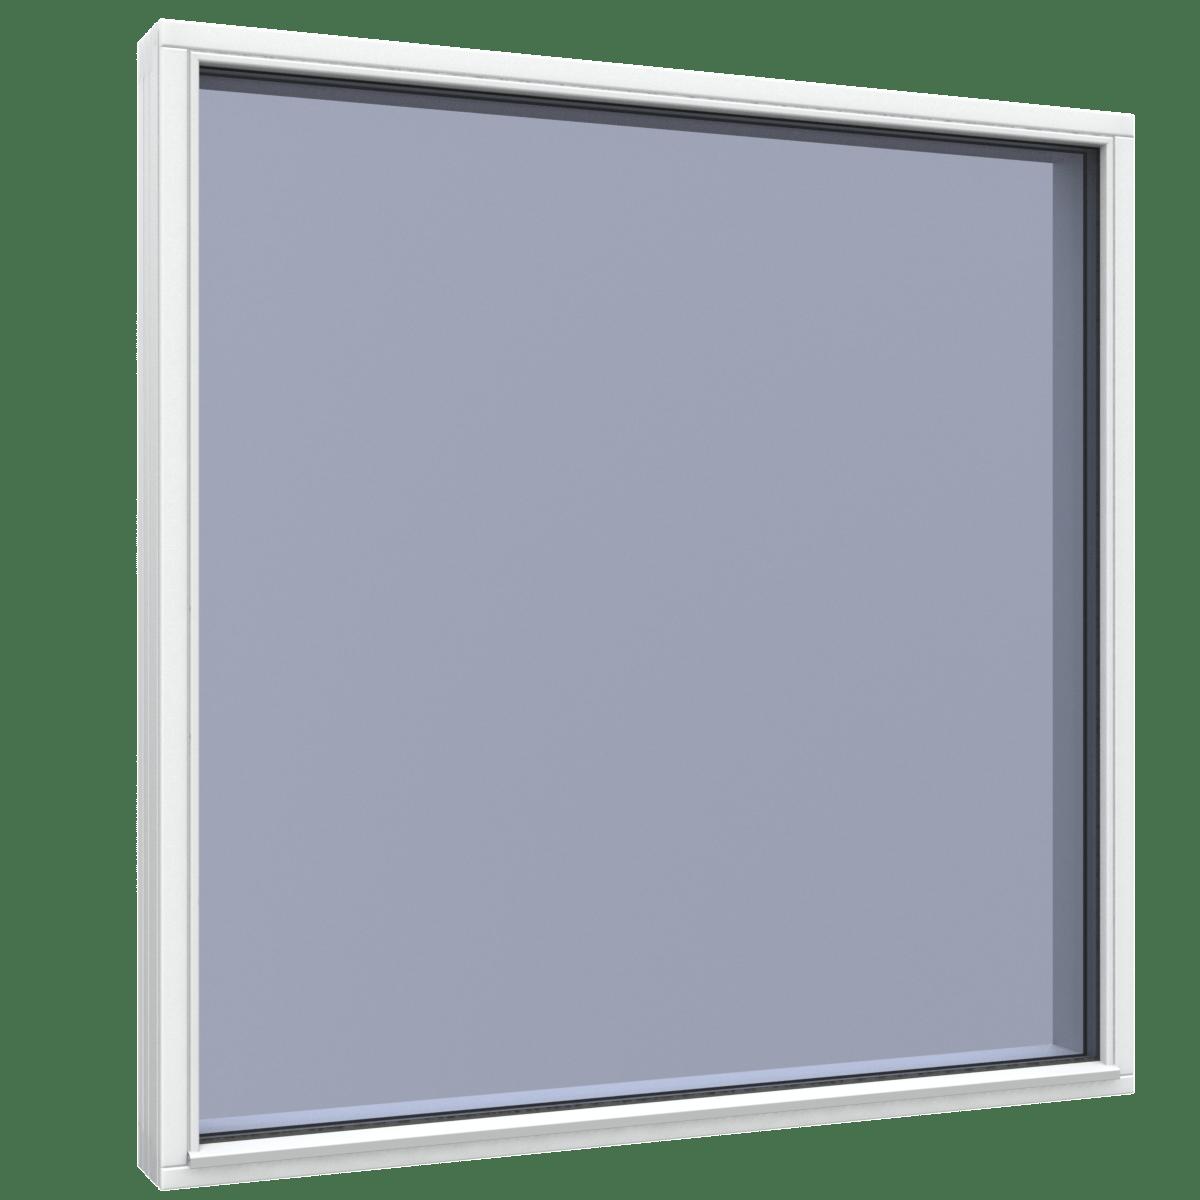 Product Bottom Image